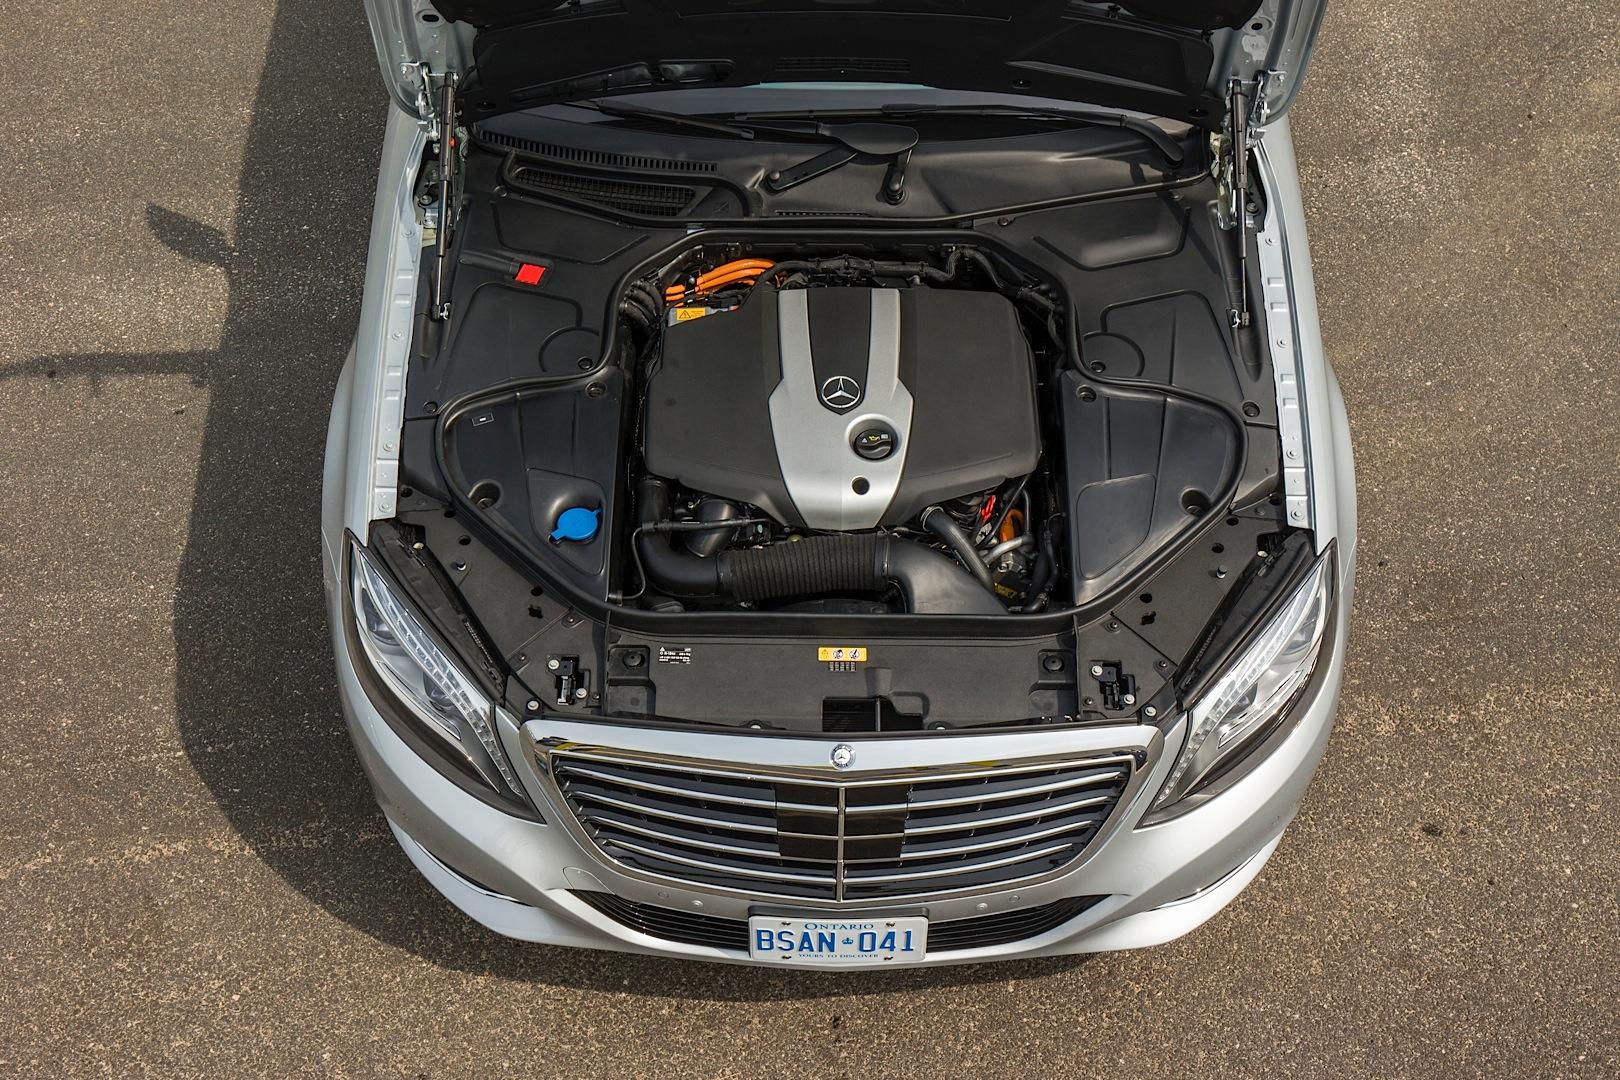 Auto Care Center >> Mercedes-Benz's Engine Encapsulation Saves Fuel - autoevolution